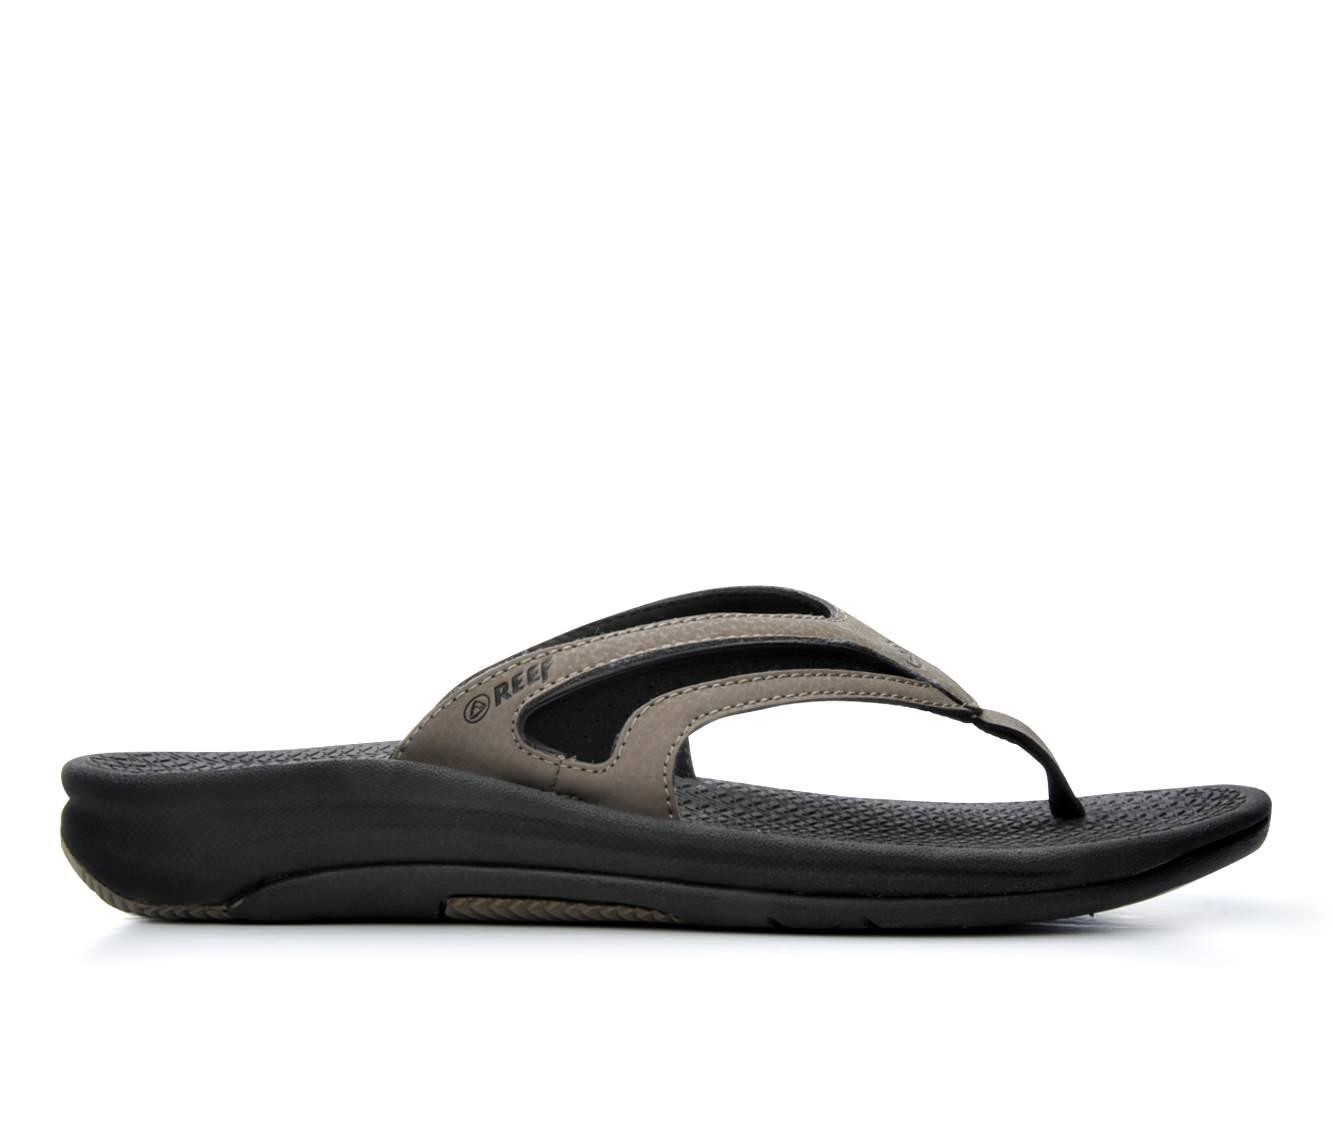 Men's Reef Flex Sandals (Beige)